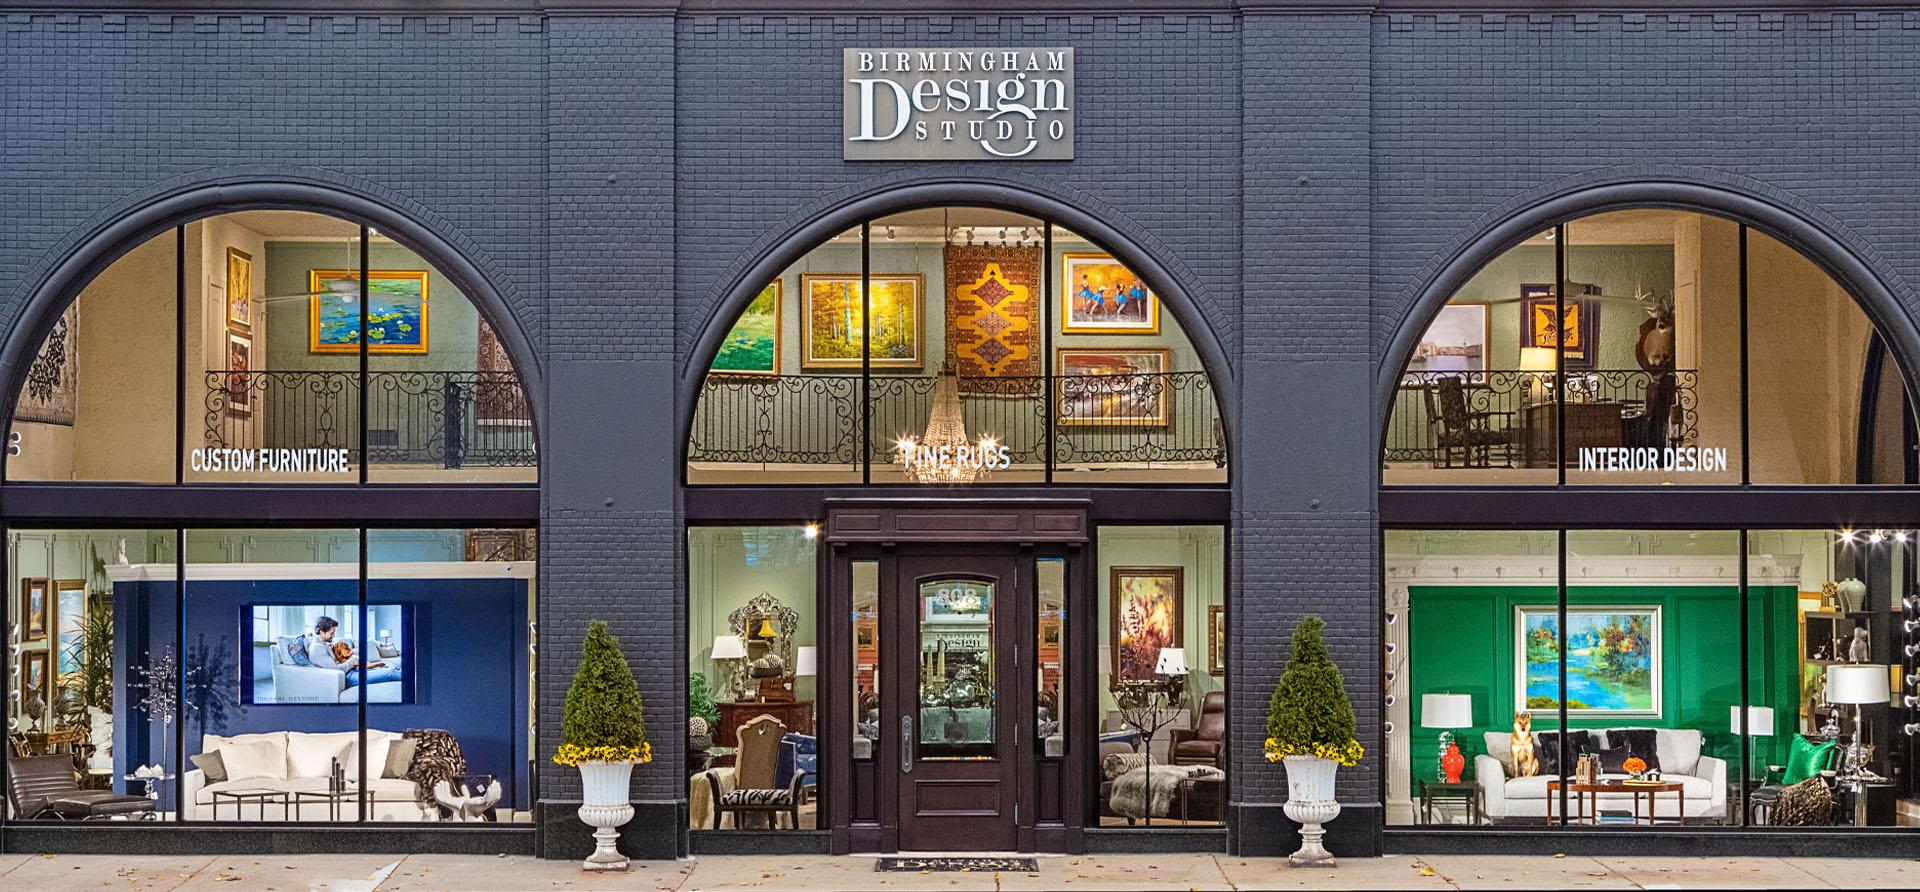 Birmingham Design Studio High End Furniture Storefront Building on Old Woodward